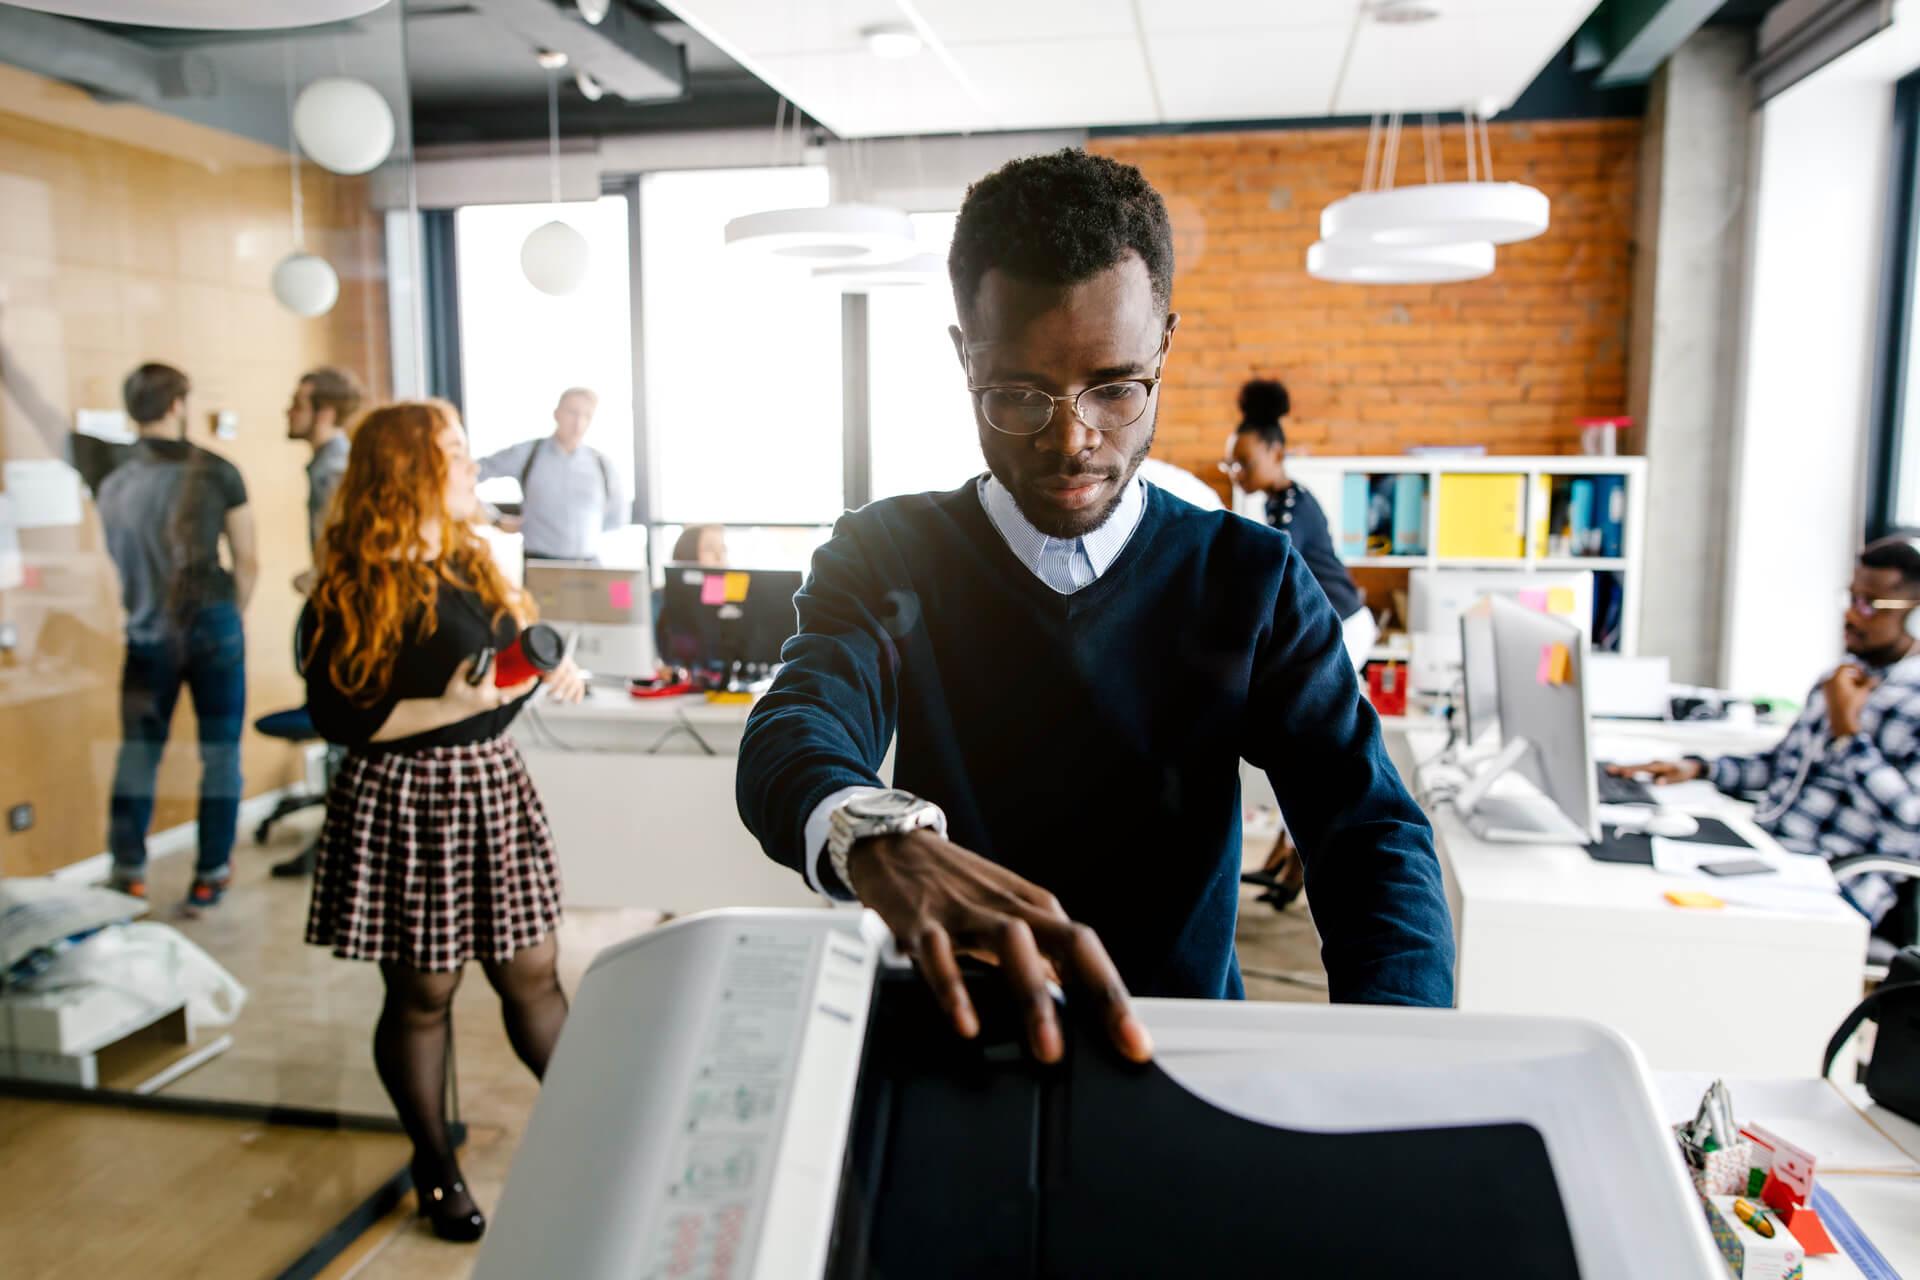 Migliori stampanti da ufficio sceglierle bene per risparmiare